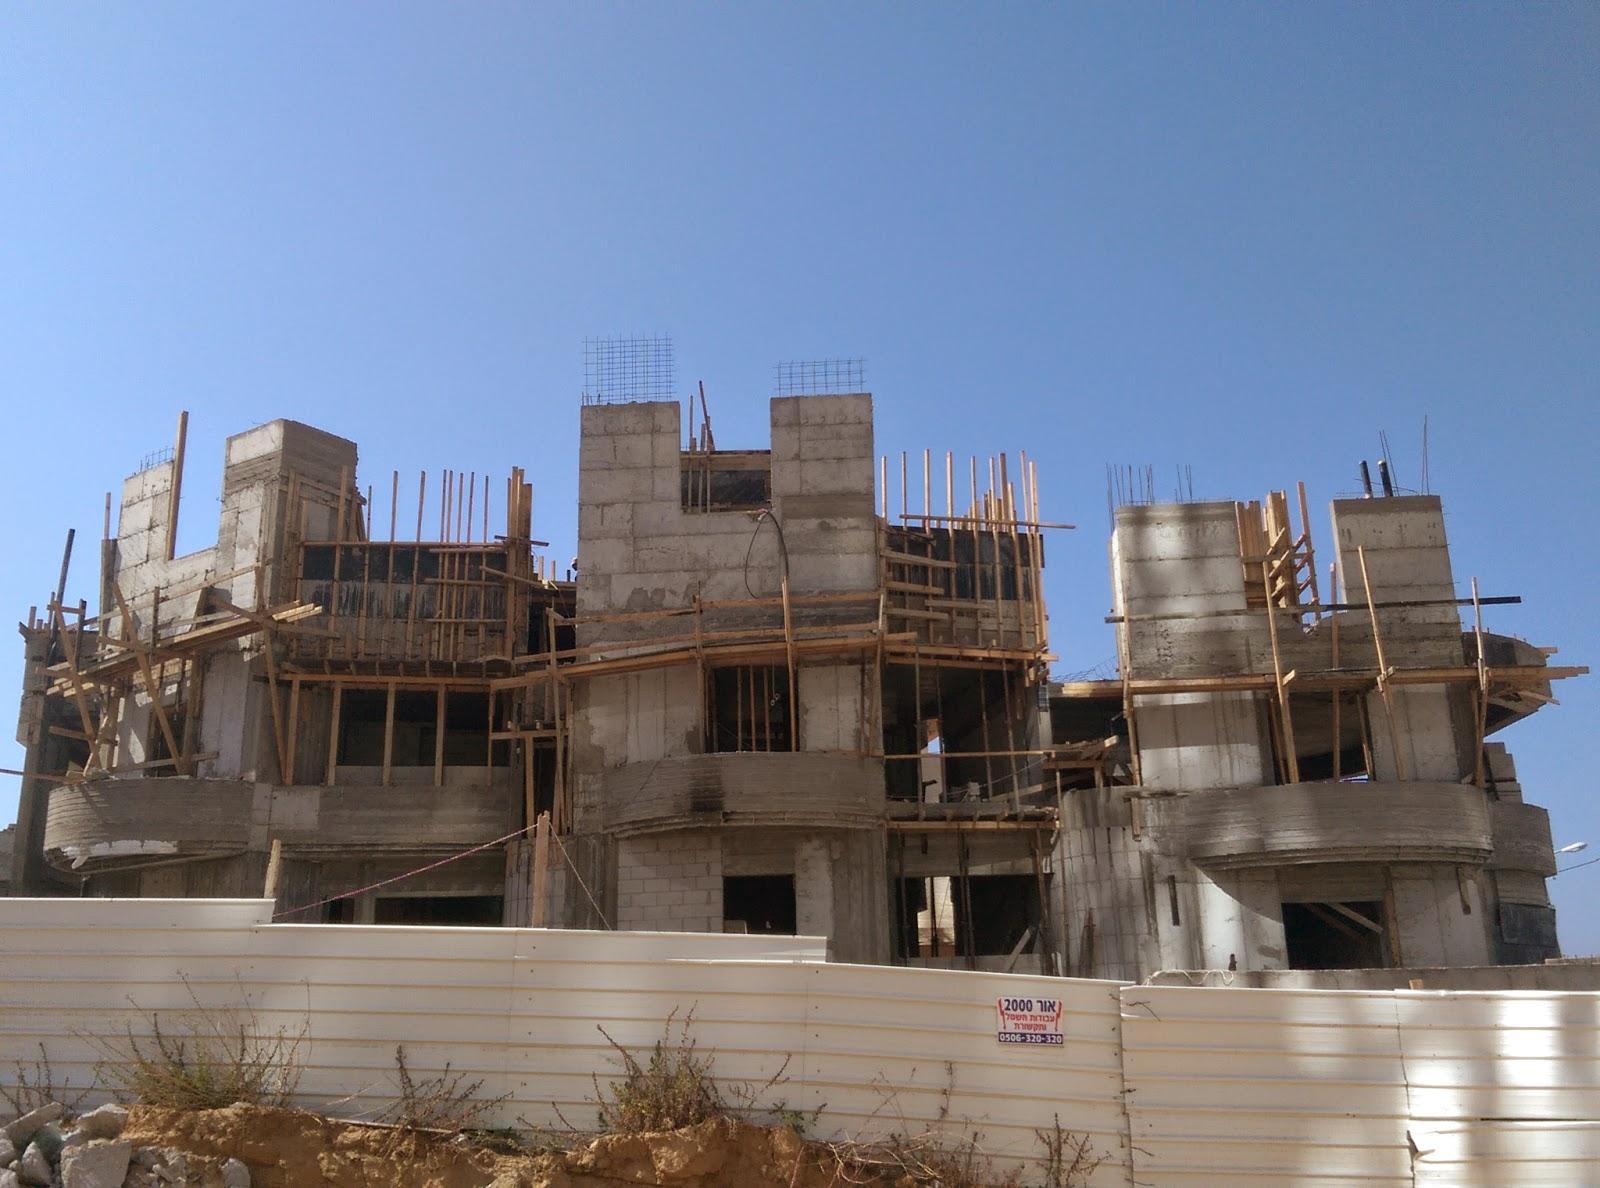 עלות בניית בית פרטי בזול - תוכנית אדריכלית